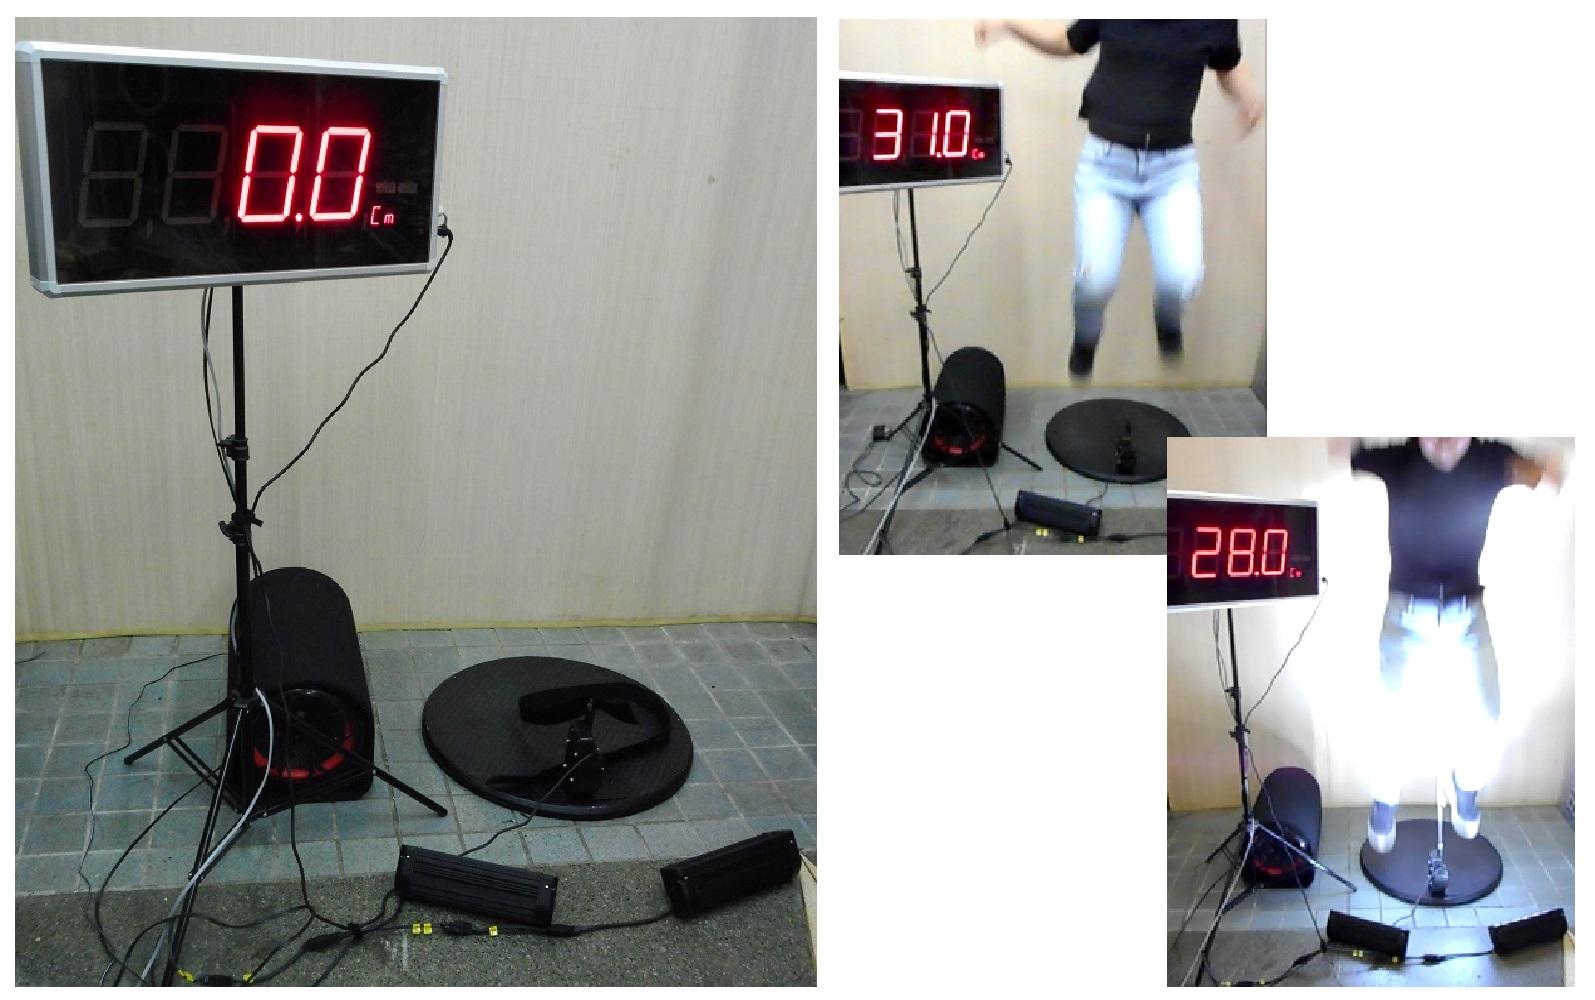 ジャンプした高さを大型表示モニターに表示します。 バレーボールやバスケットボールのイベントアトラクションに最適です。 単純に垂直跳びの高さを測定する機能だけでなく、音楽や光に合わせてジャンプしないと測定できないユニークな機能もついています。 レンタル在庫:2台